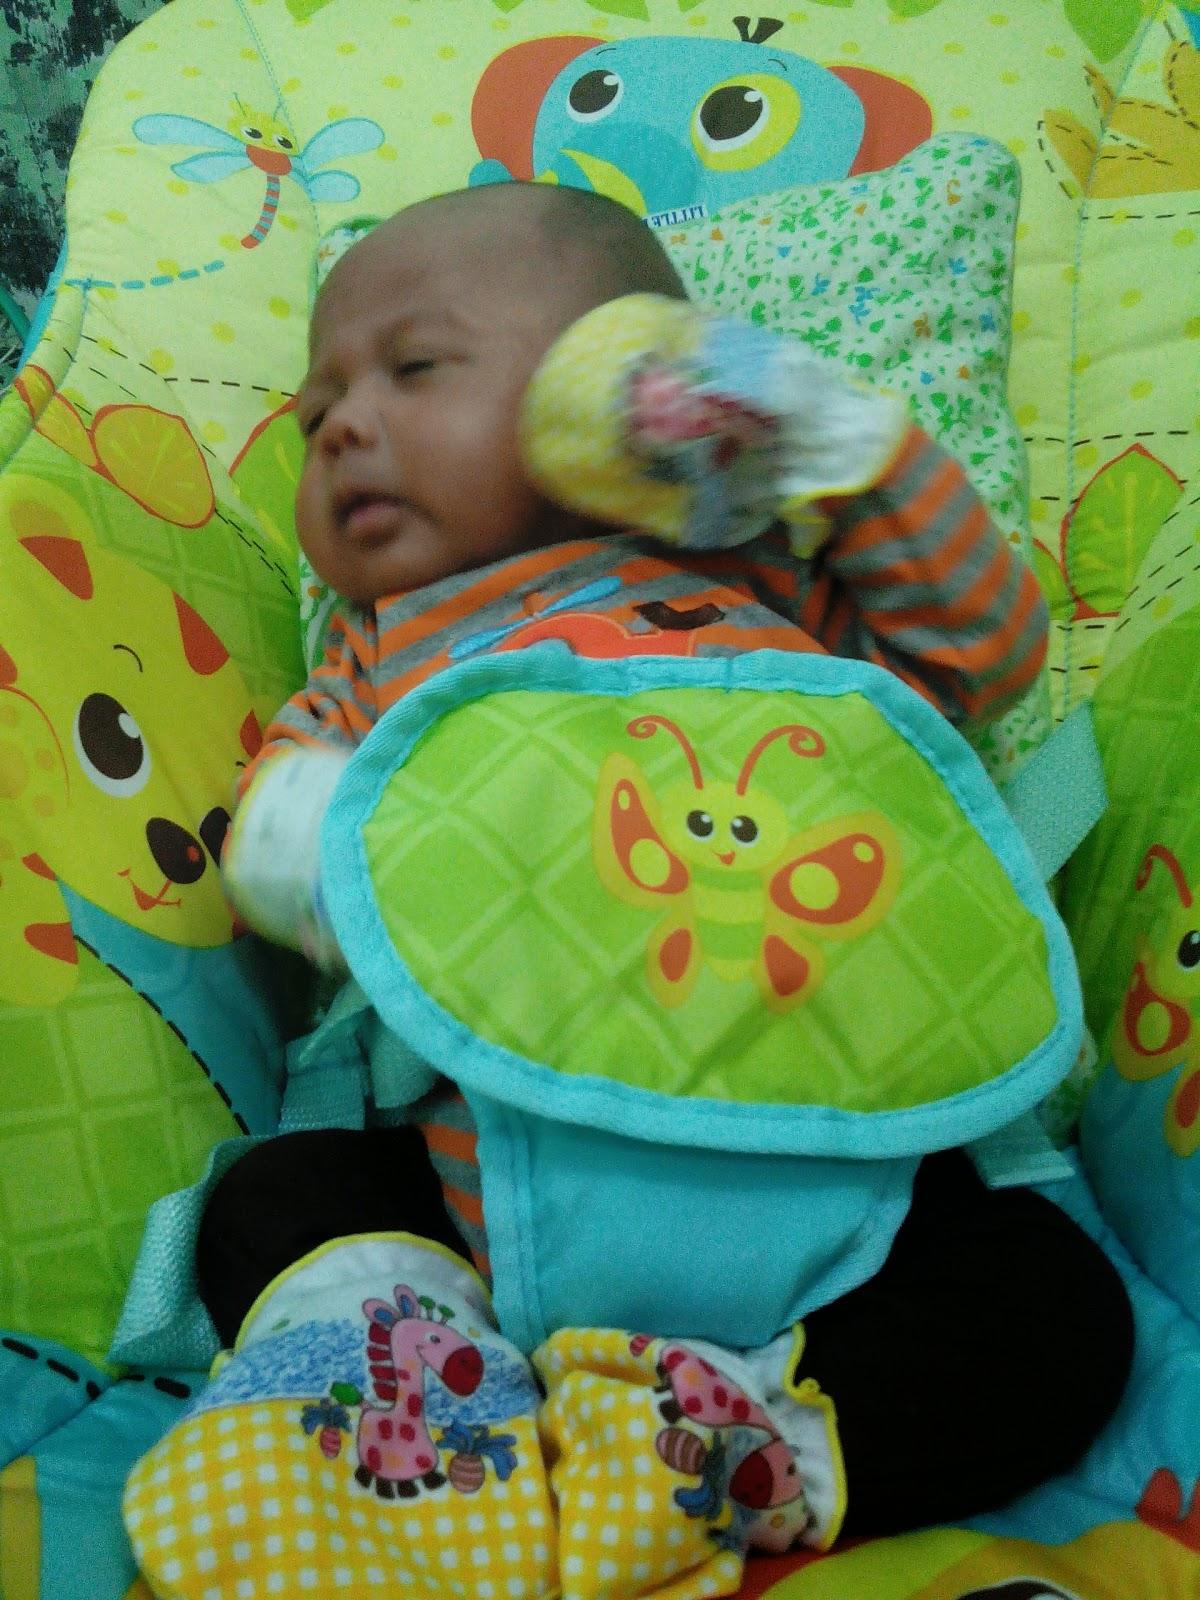 Kenalin Penyebab Bayi Menangis